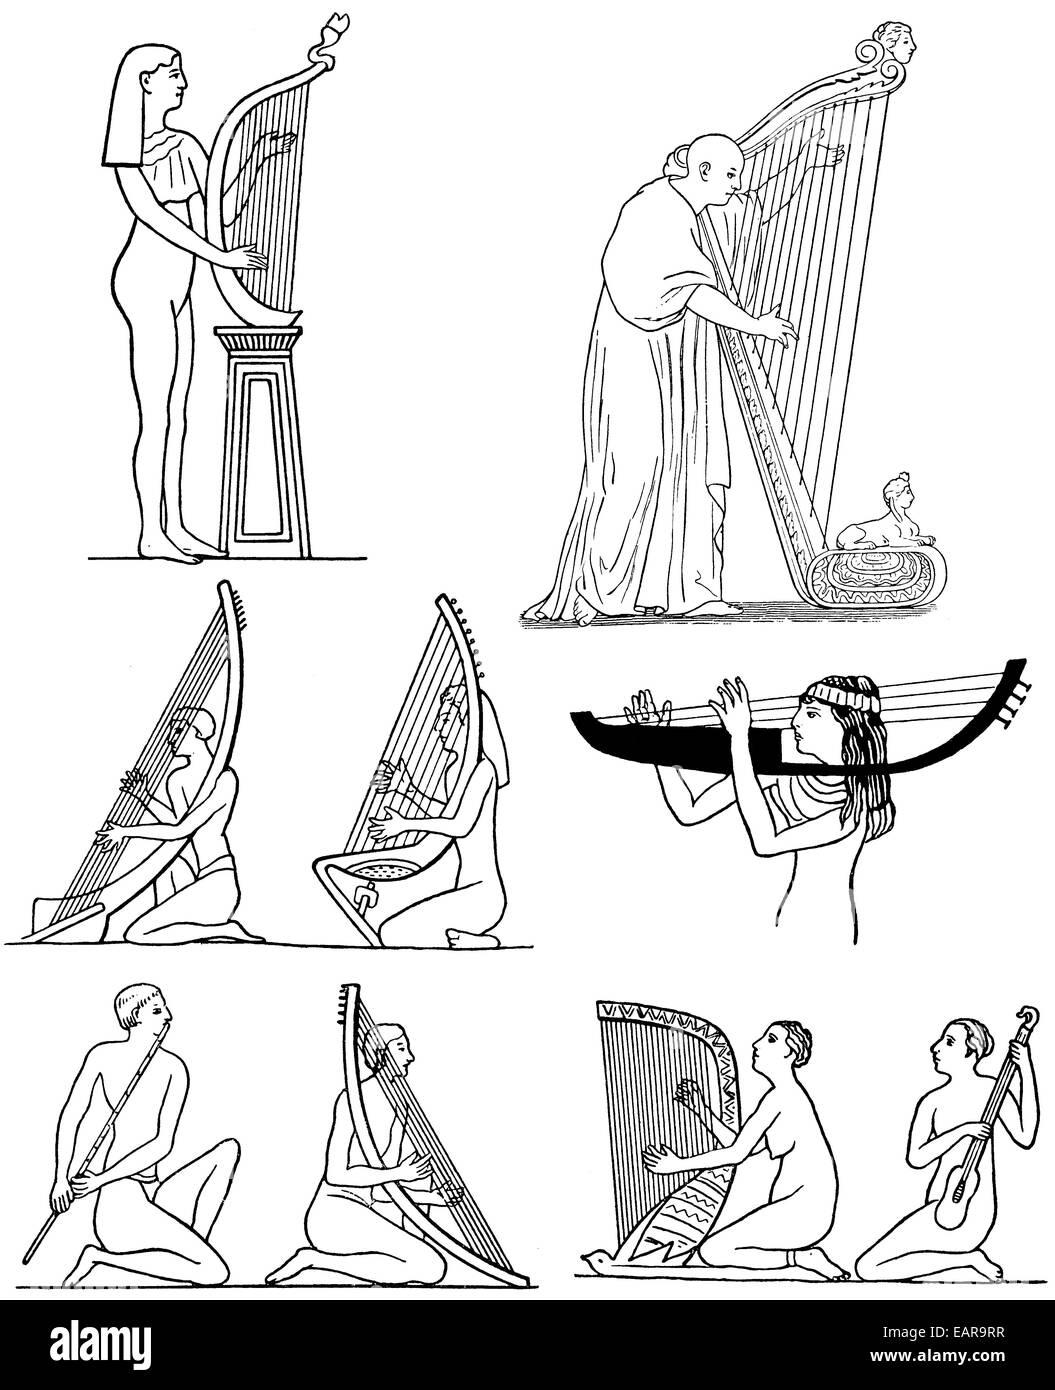 Les musiciens de l'antiquité, le grec ancien des harpes et des flûtes, Musiker in der Antike, Altgriechische Photo Stock